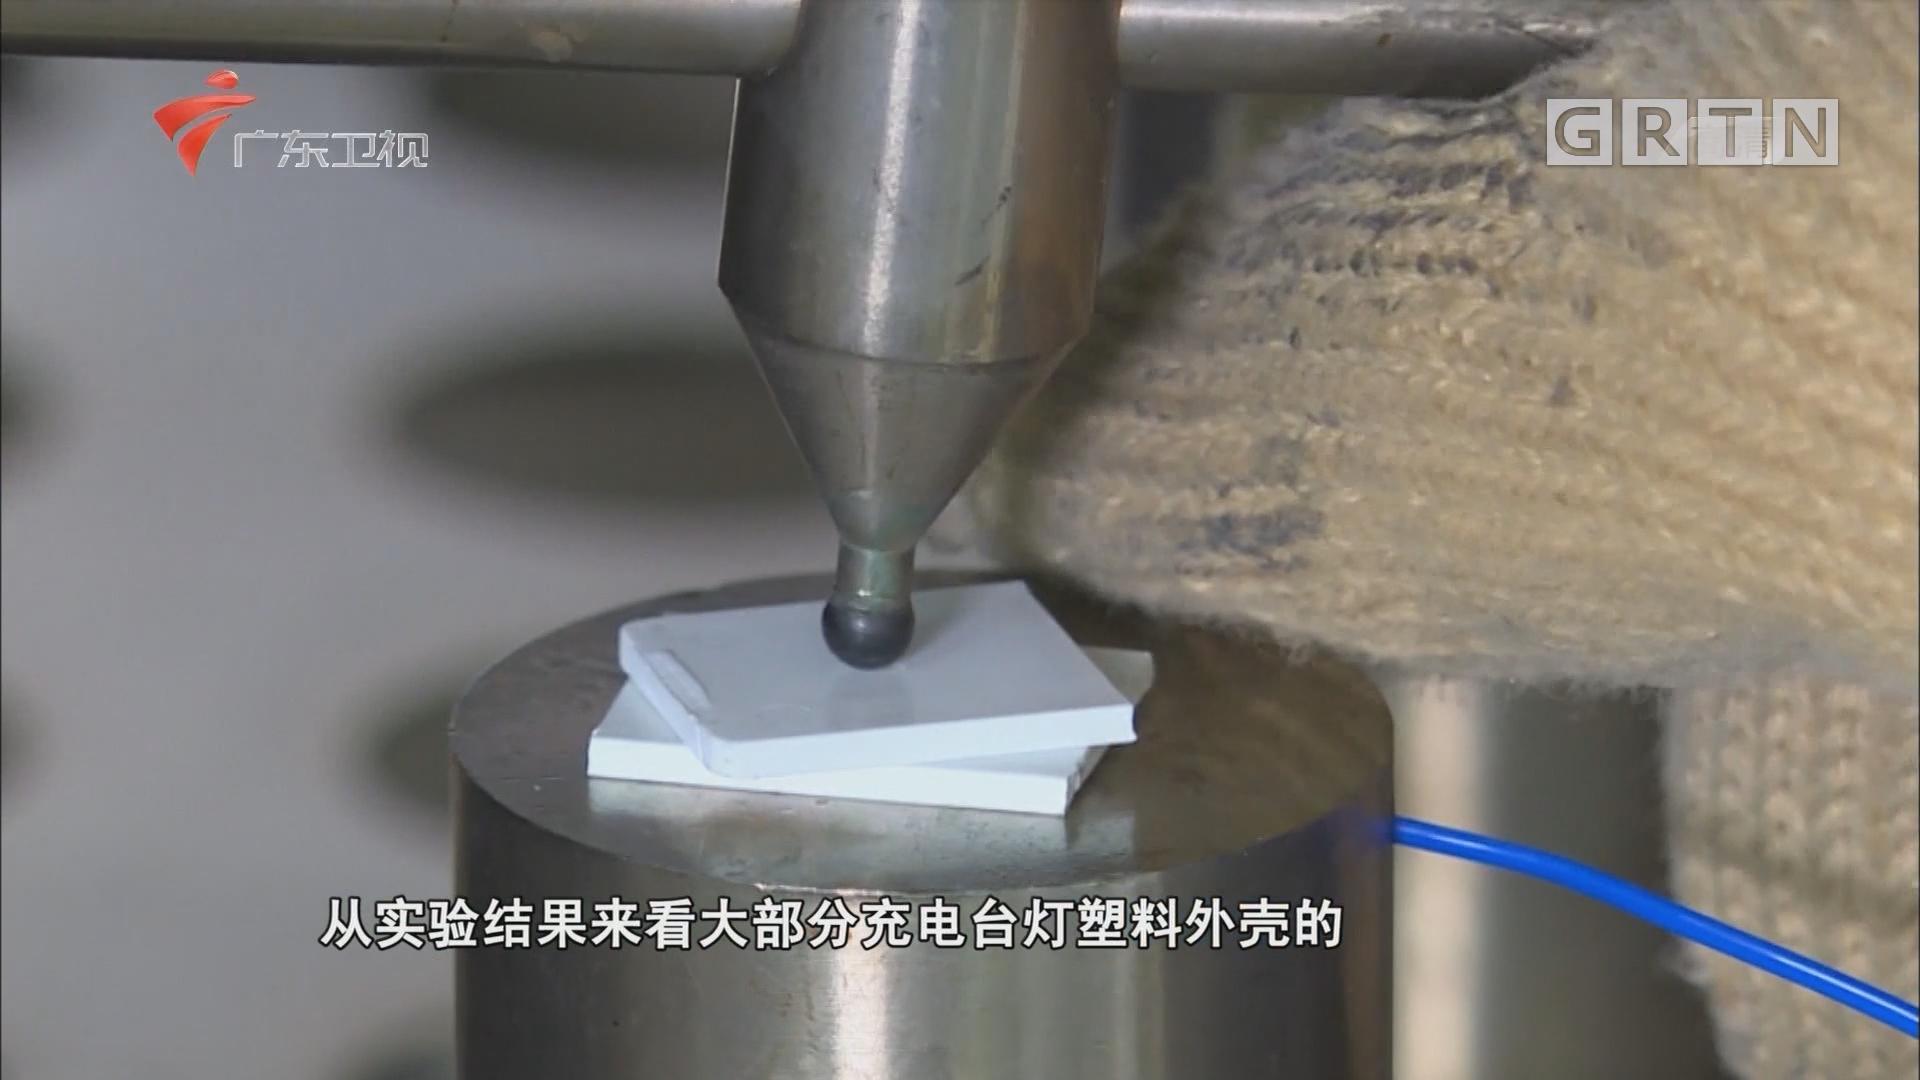 测试合格产品的塑料外壳是否具有足够的耐热性